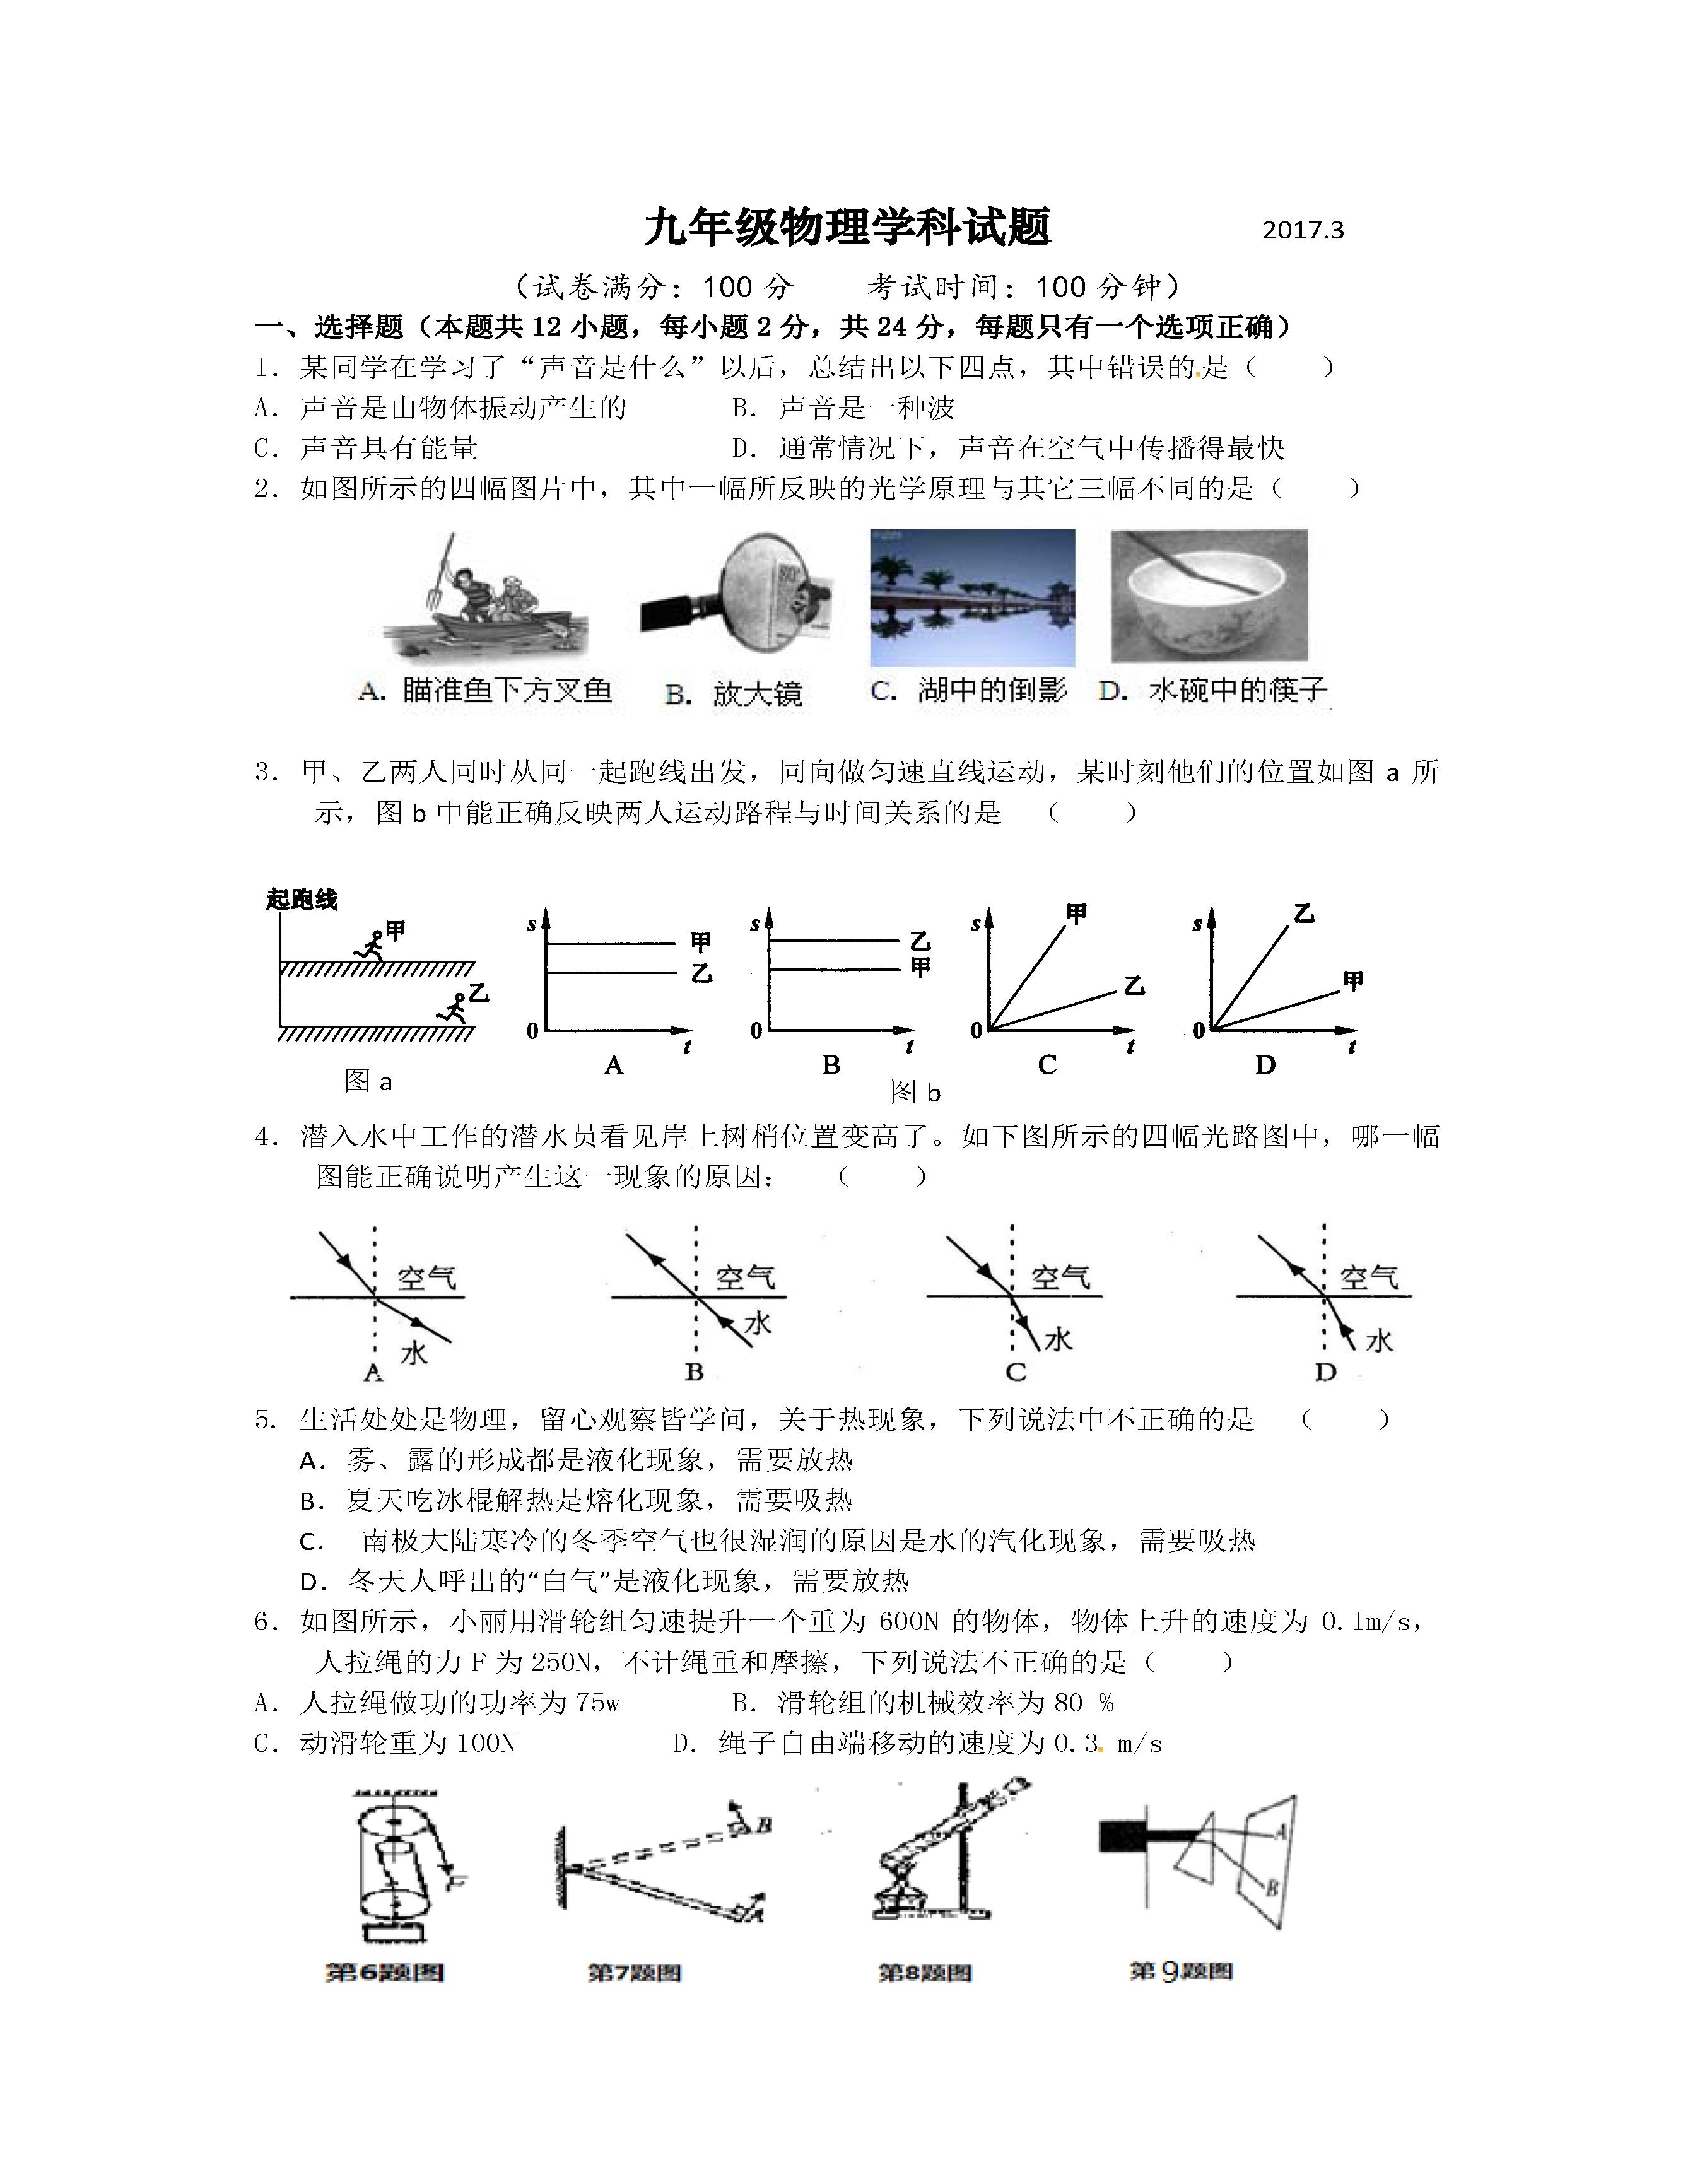 江苏江都第三中学2017九年级下第一次月考物理试题(图片版)